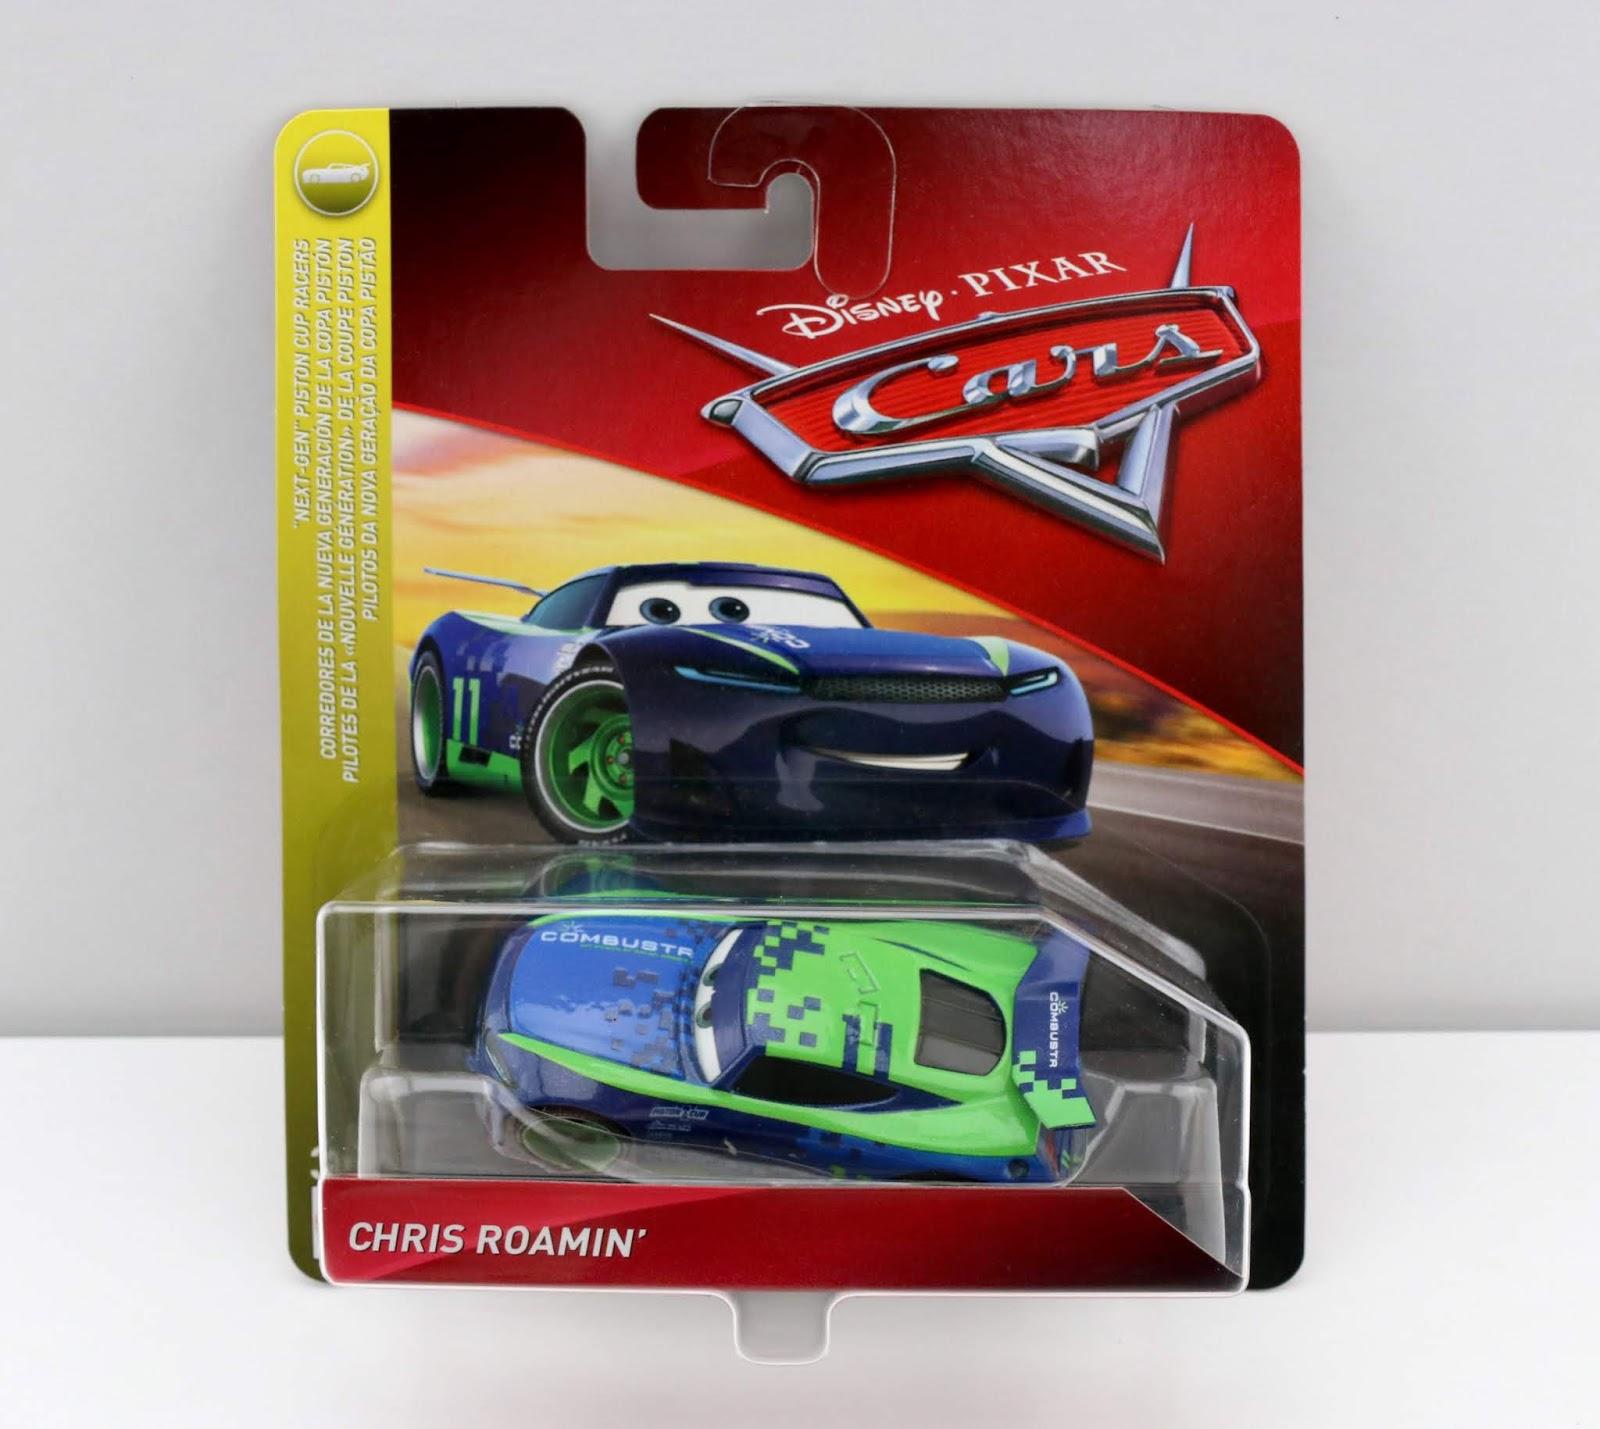 Cars 3 Chris Roamin' diecast review